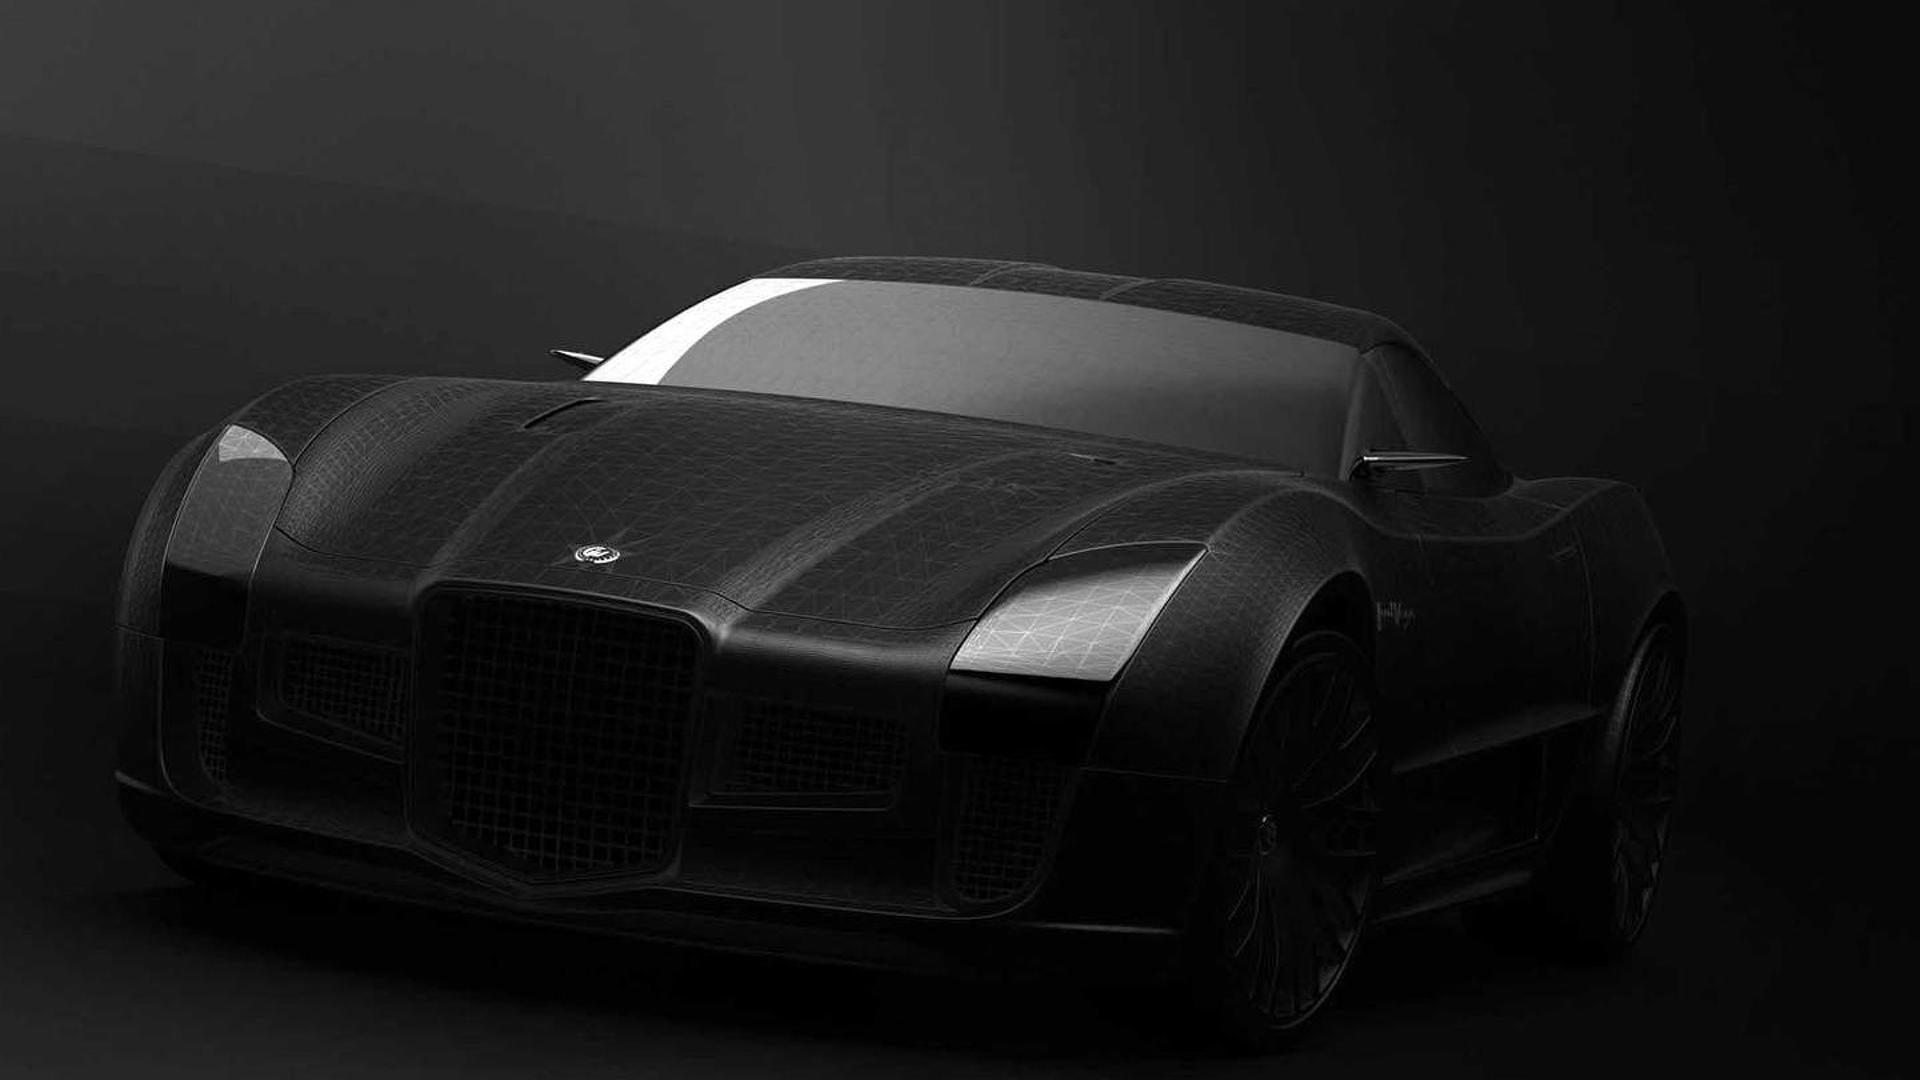 Facel Vega concept front end revealed in latest teaser image